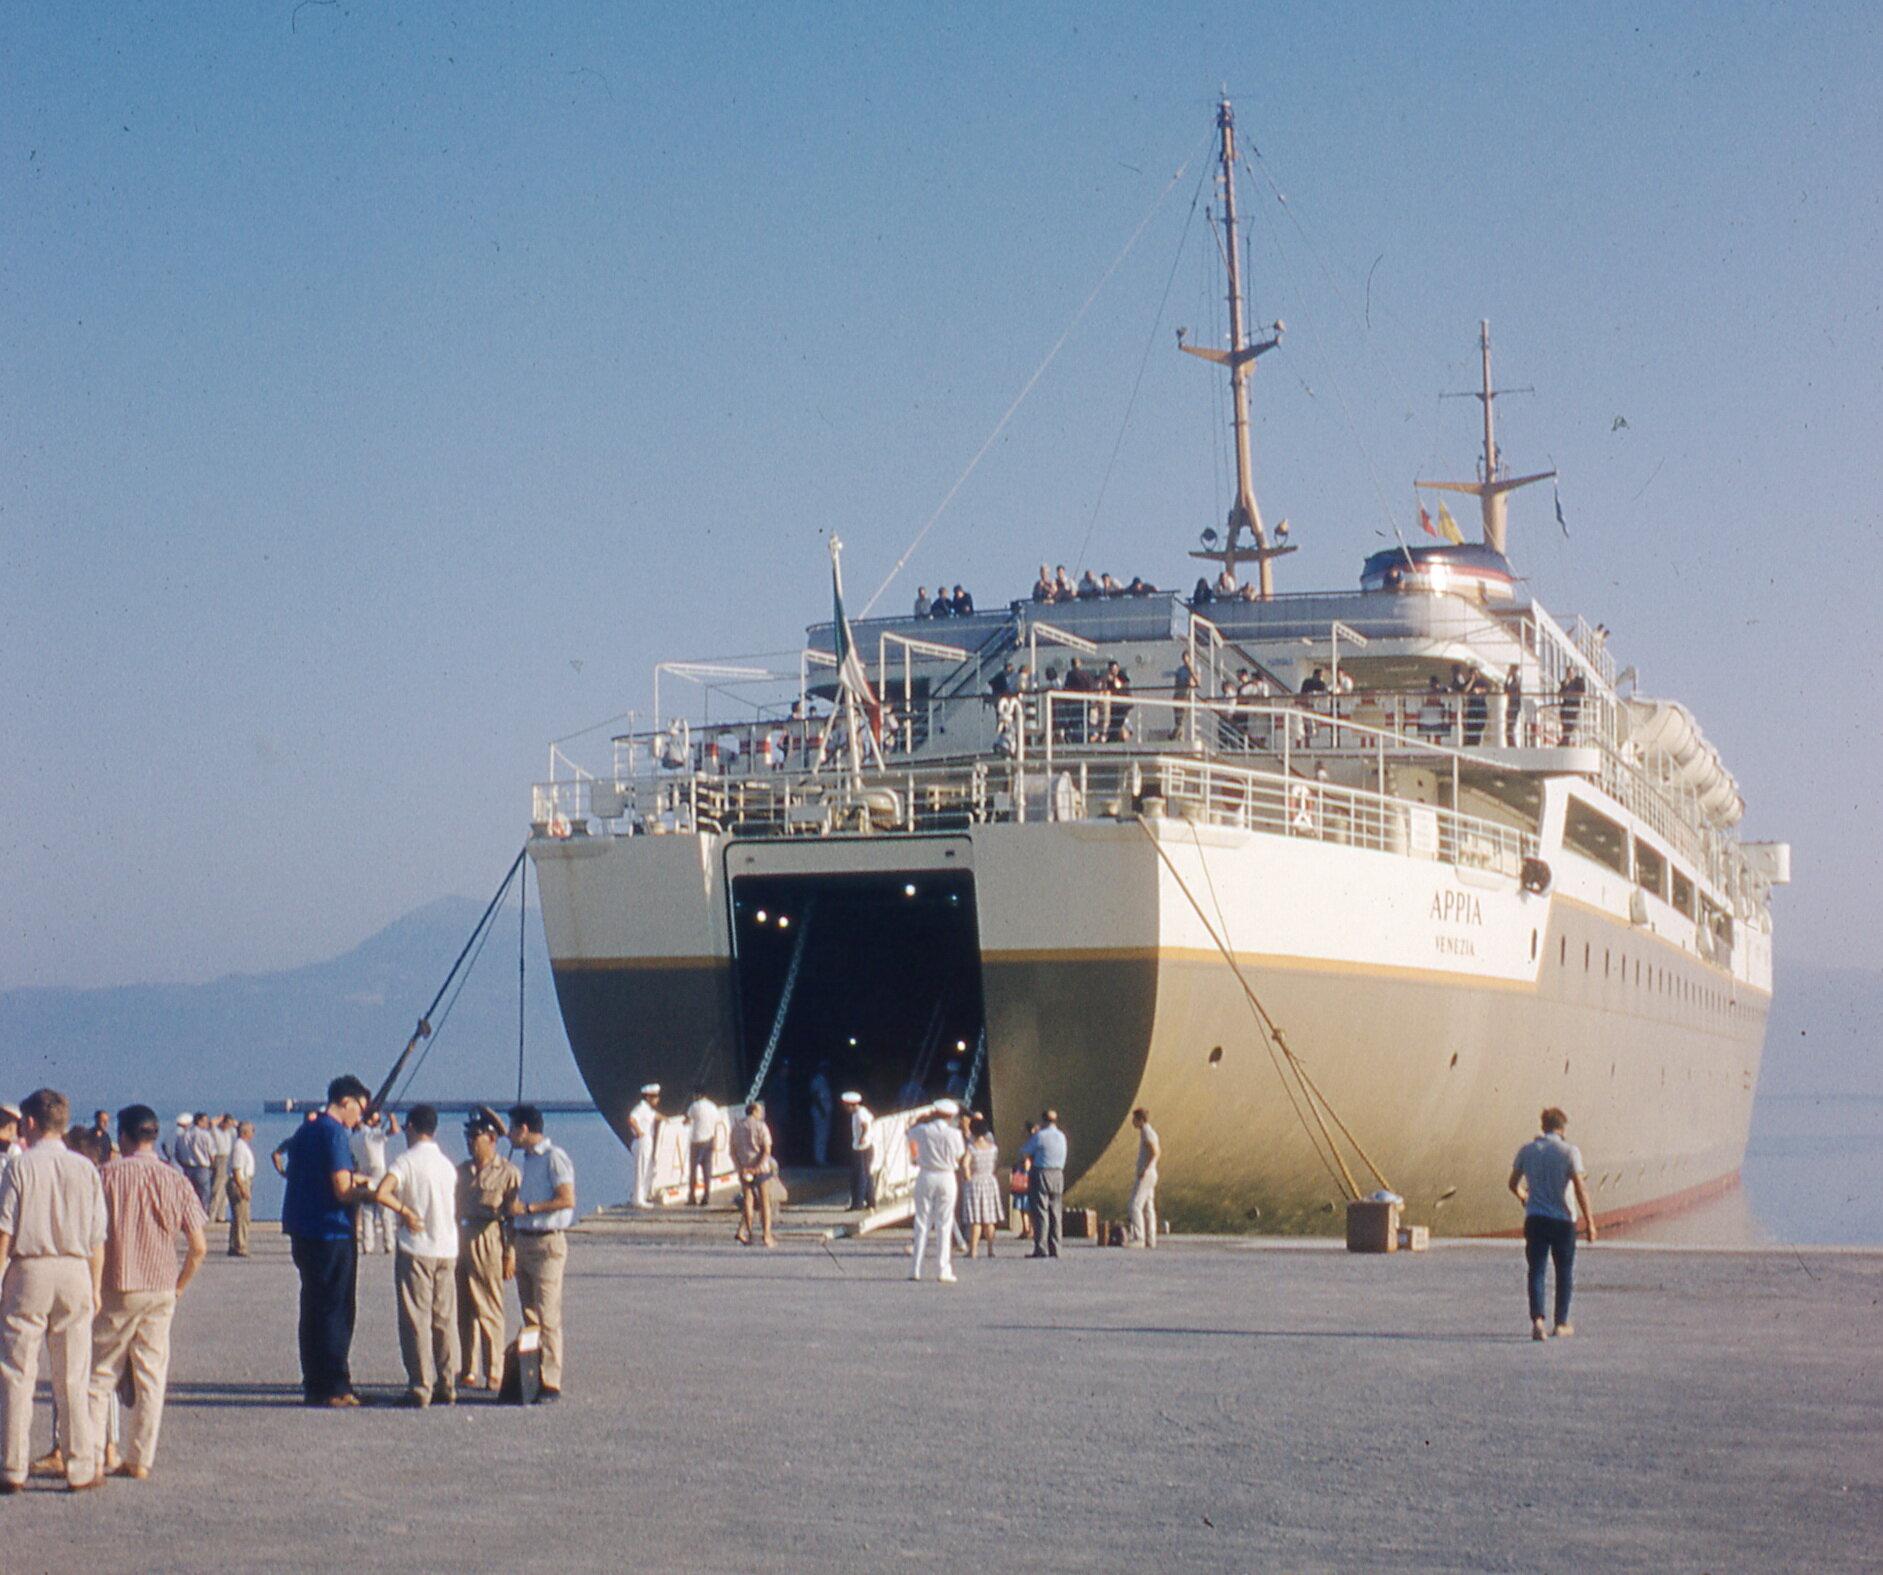 Appia at Corfu